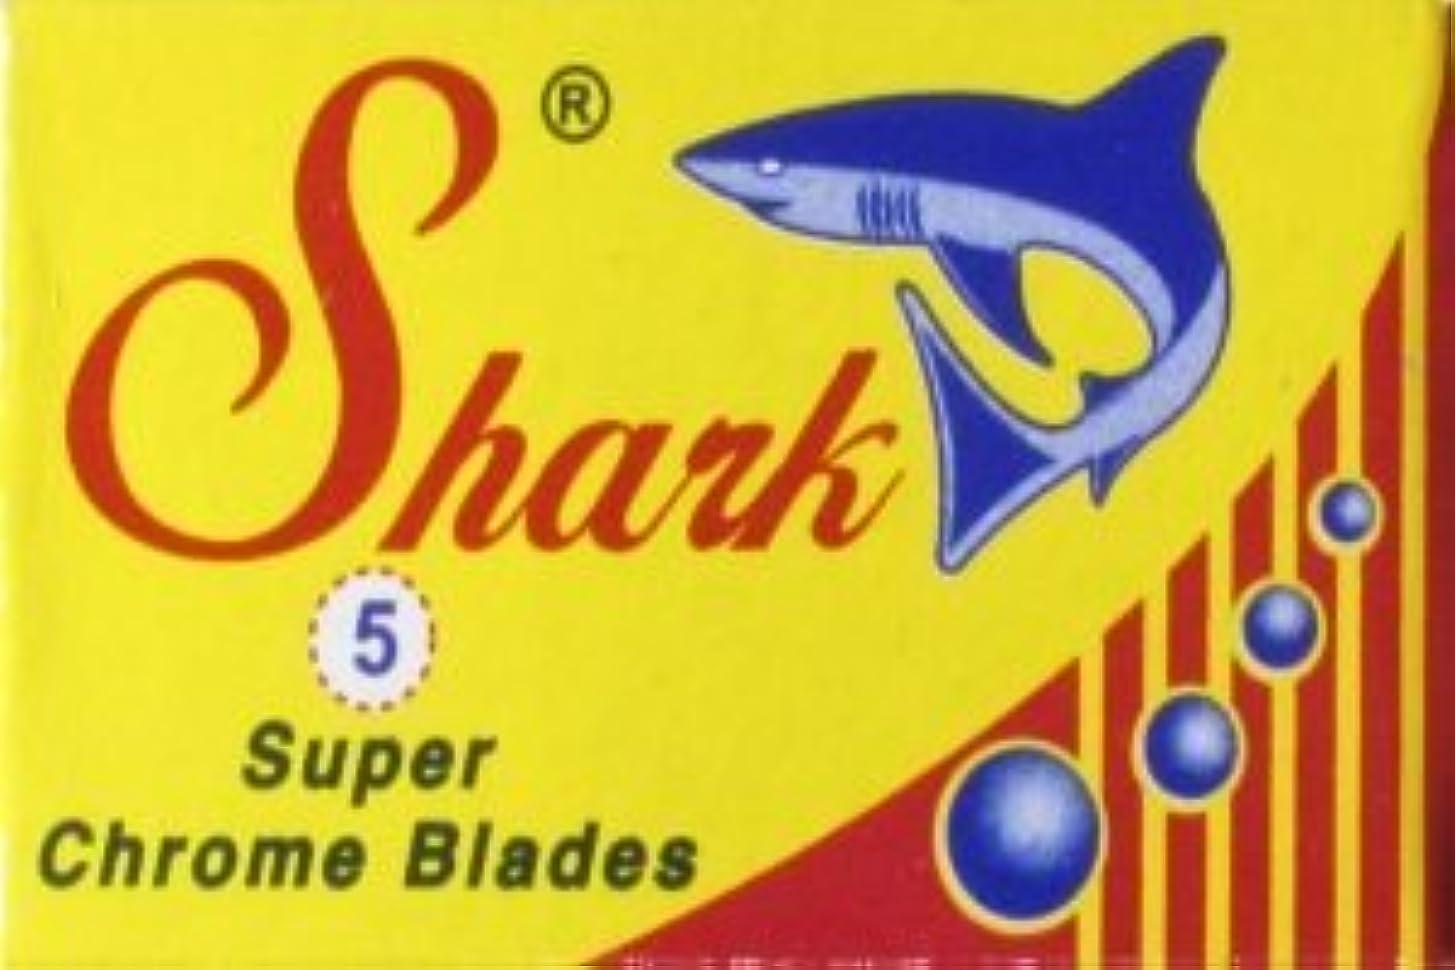 致死レオナルドダ画面Shark Super Chrome 両刃替刃 5枚入り(5枚入り1 個セット)【並行輸入品】